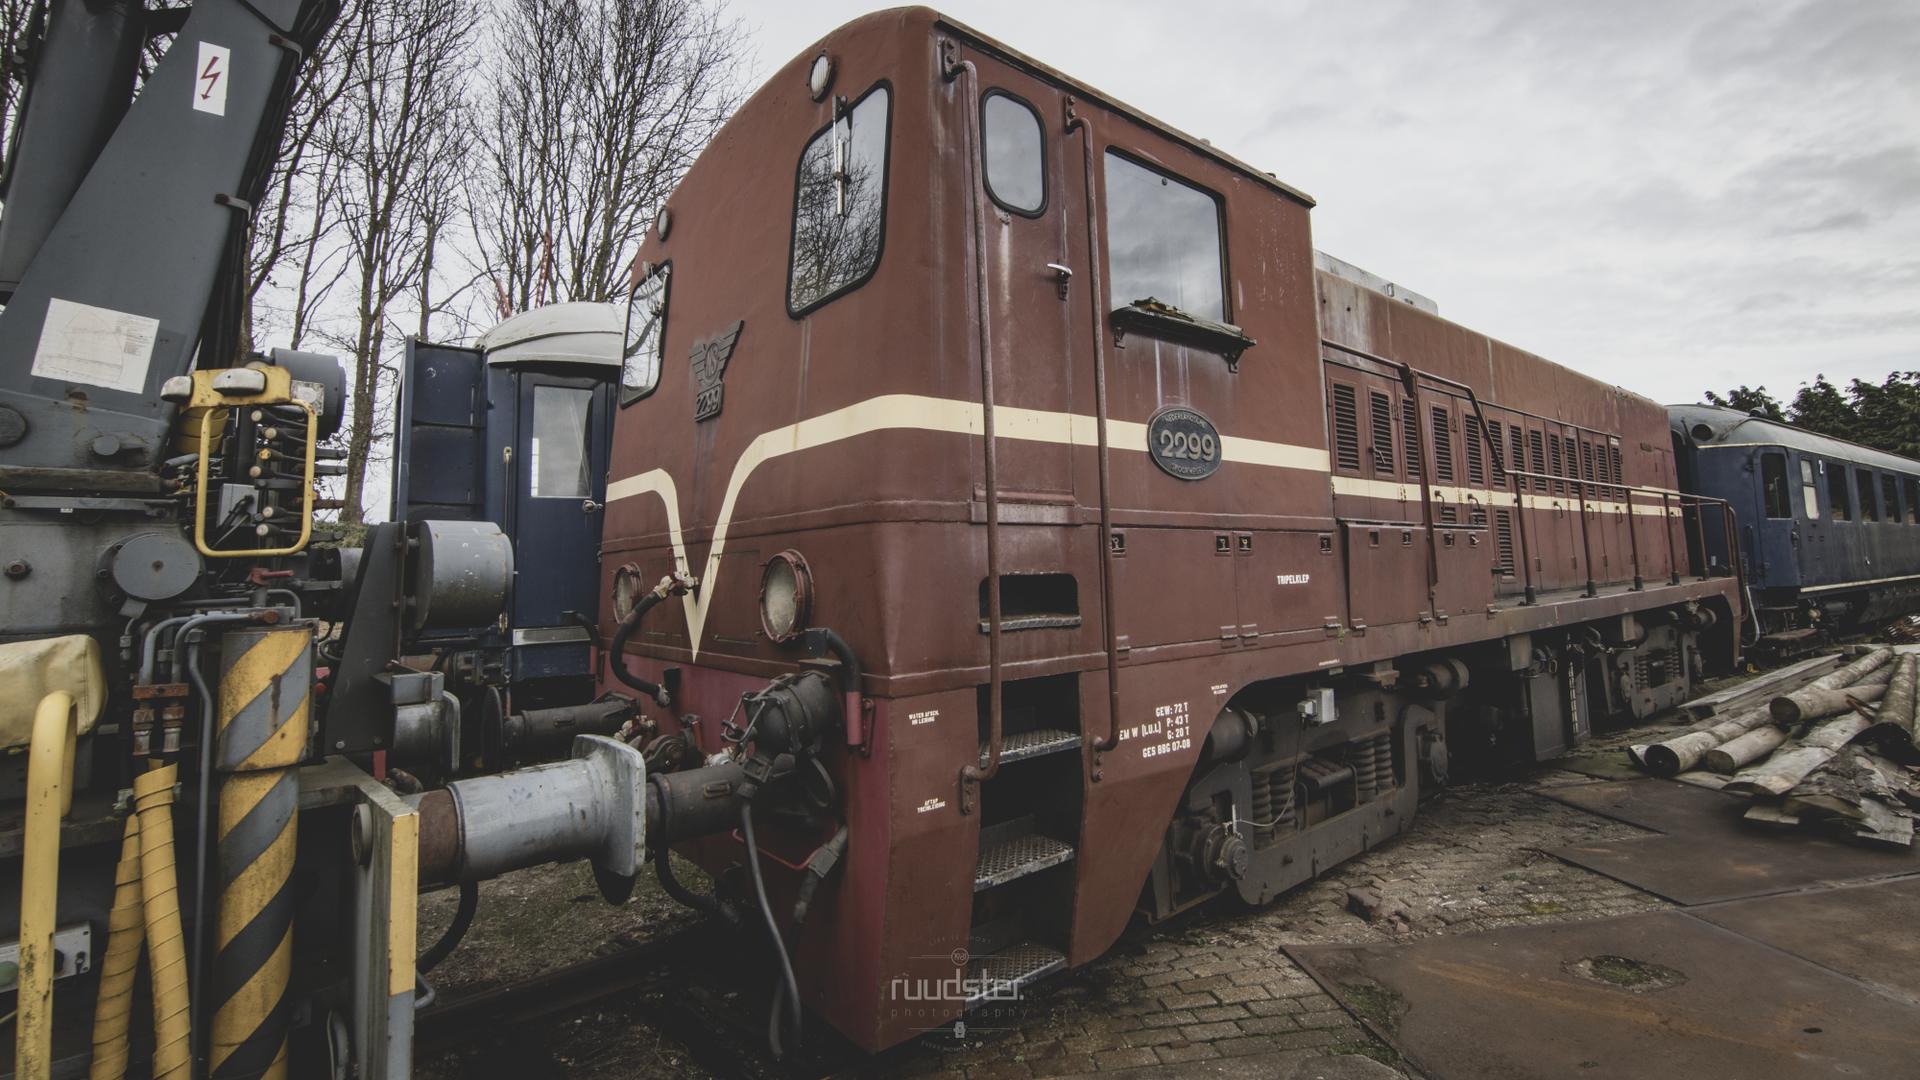 2299 | Build: 1958 - Allan & Co´s Koninklijke Nederlandsche Fabrieken van Meubelen en Spoorwegmaterieel N.V., Rotterdam